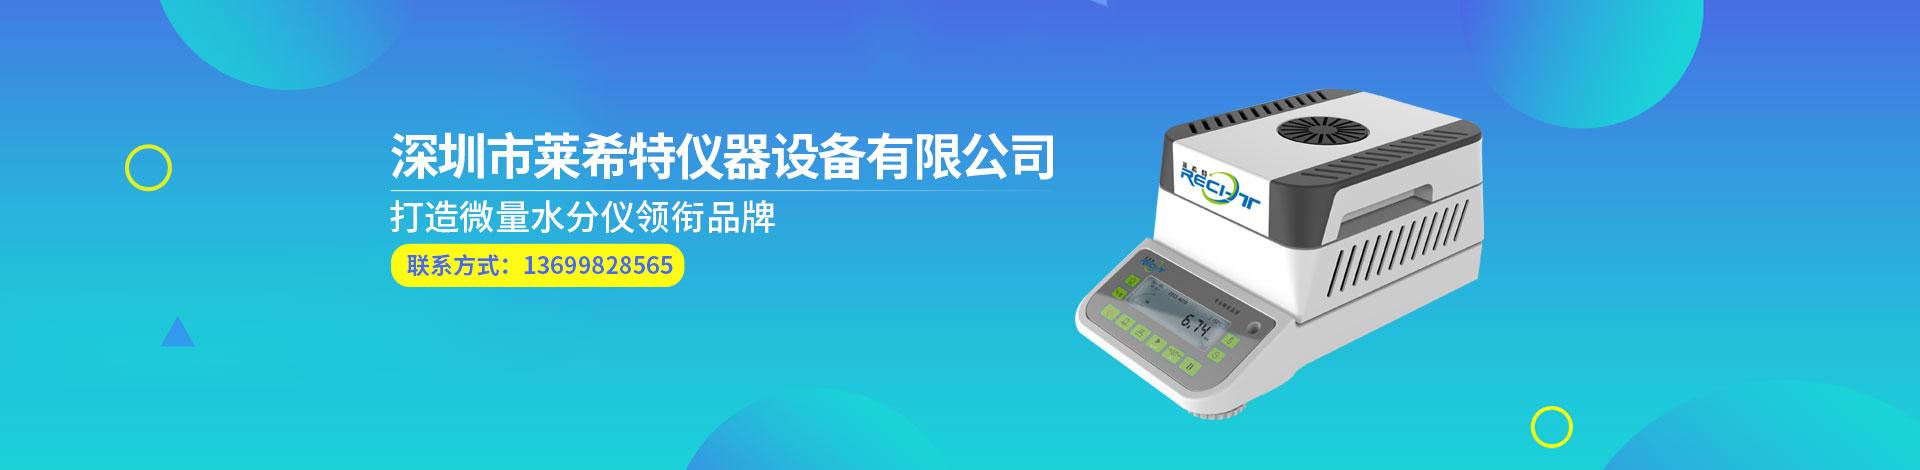 深圳市莱希特仪器设备有限公司